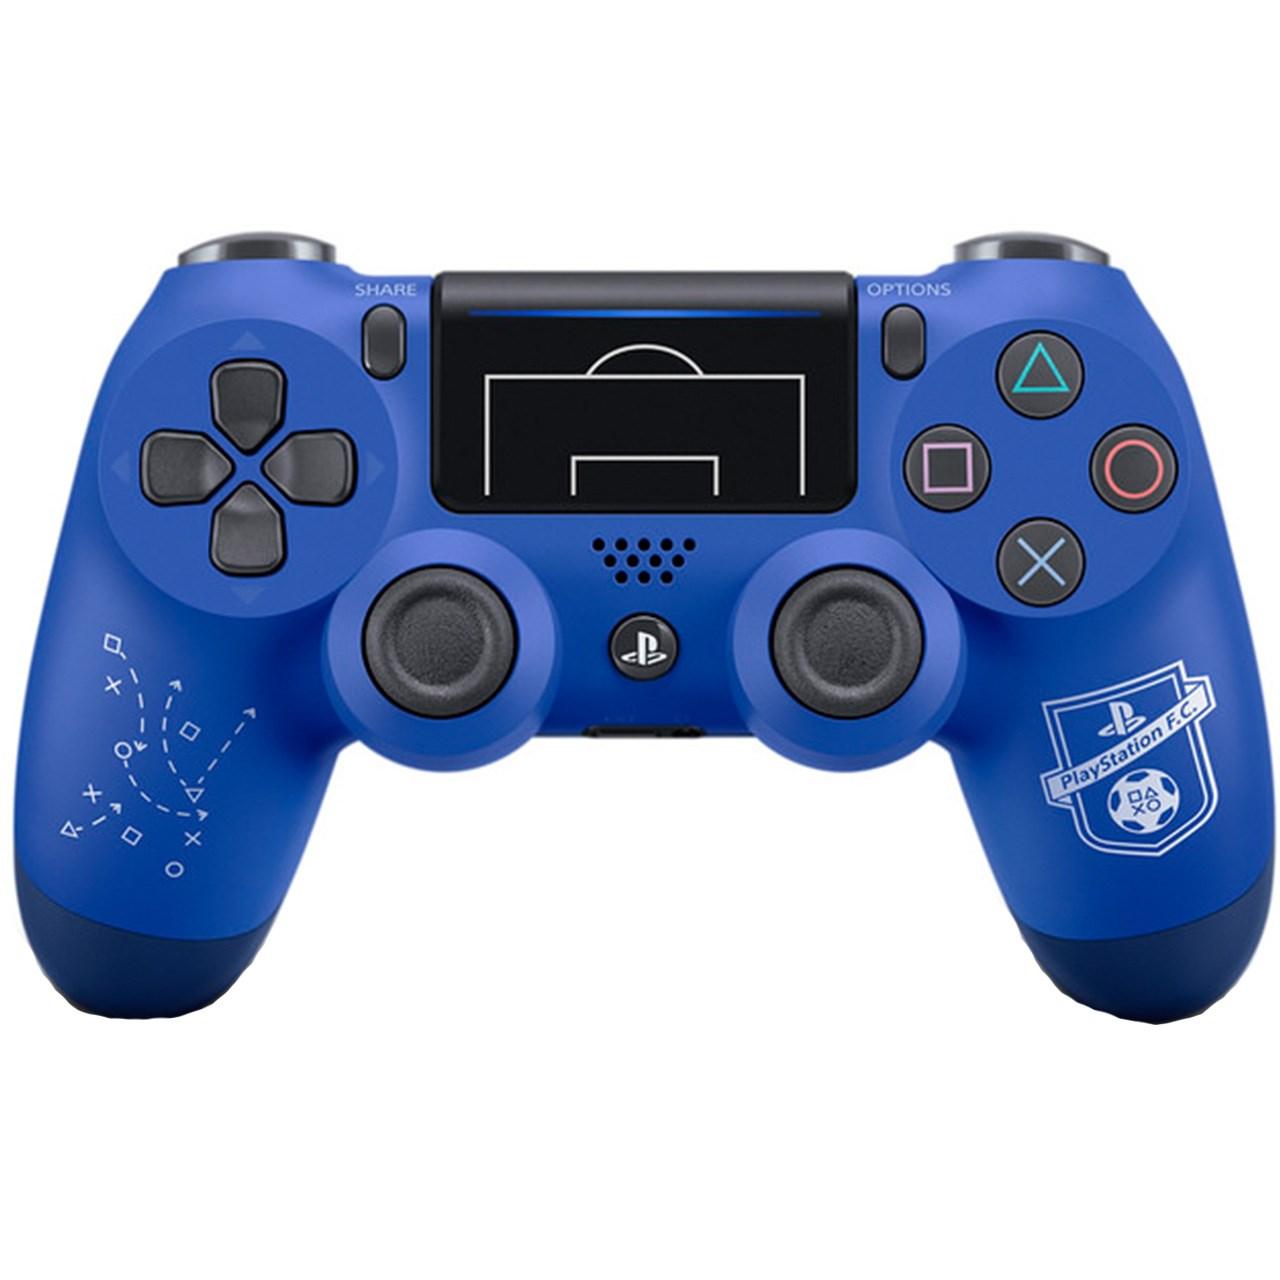 دسته بازی سونی Dual Shock 4 Champions League Limited Edition